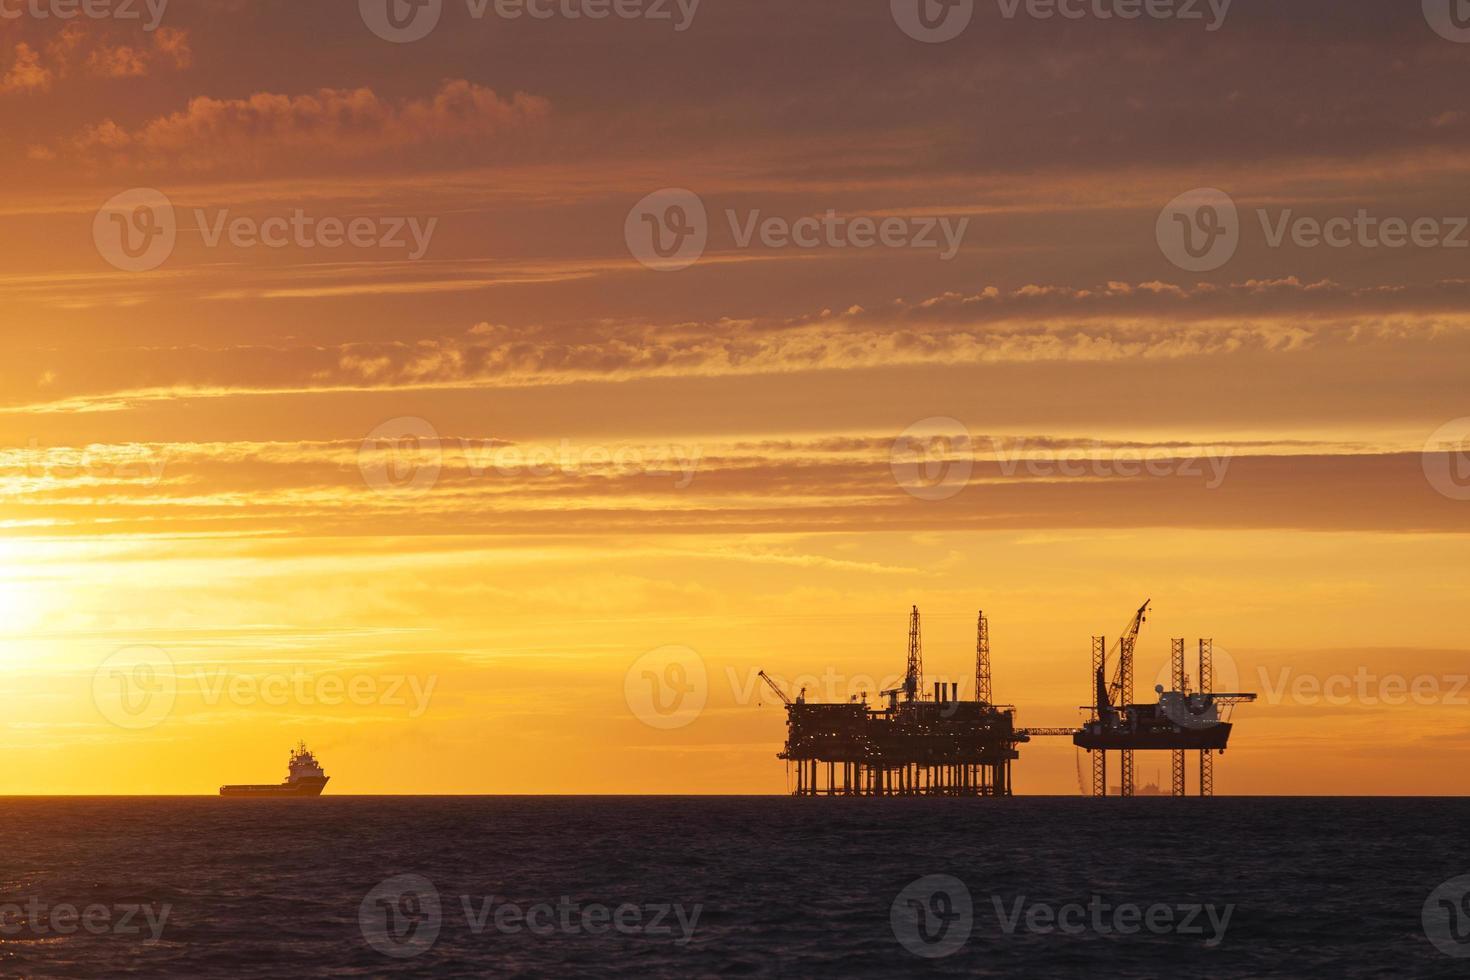 Versorgungsschiff nähert sich Ölplattform foto